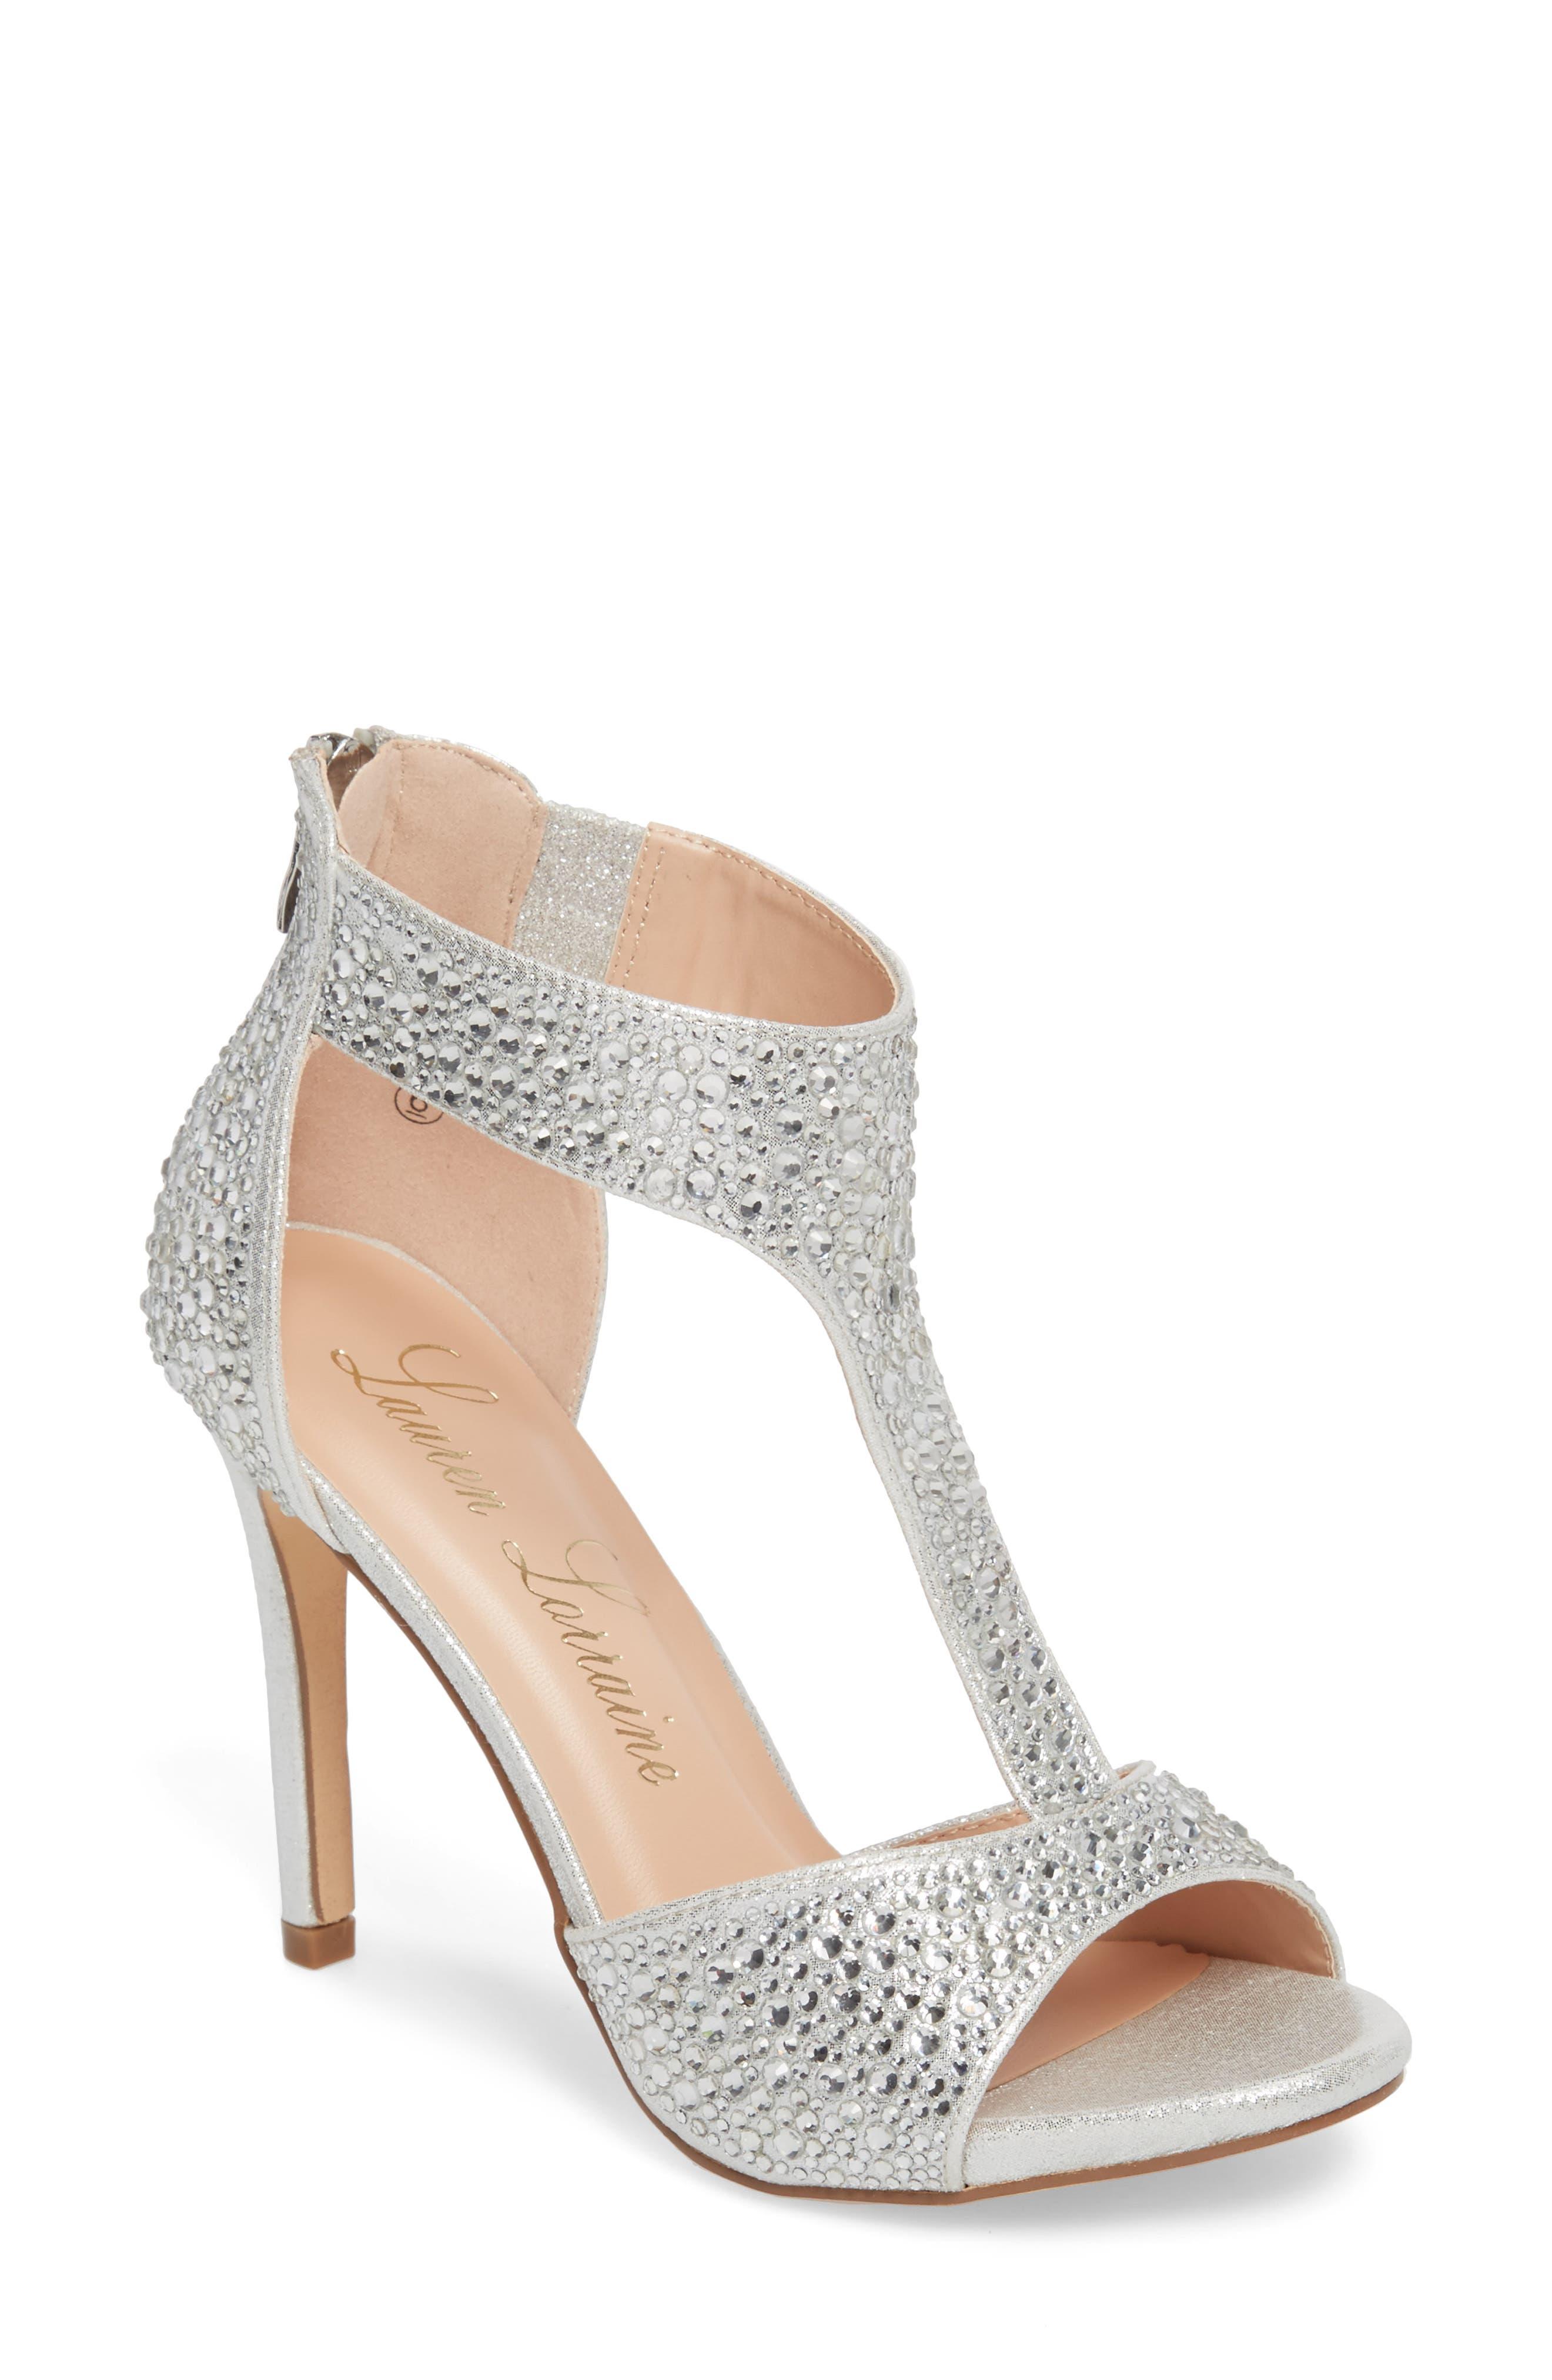 Ina Crystal Embellished Sandal,                         Main,                         color, Silver